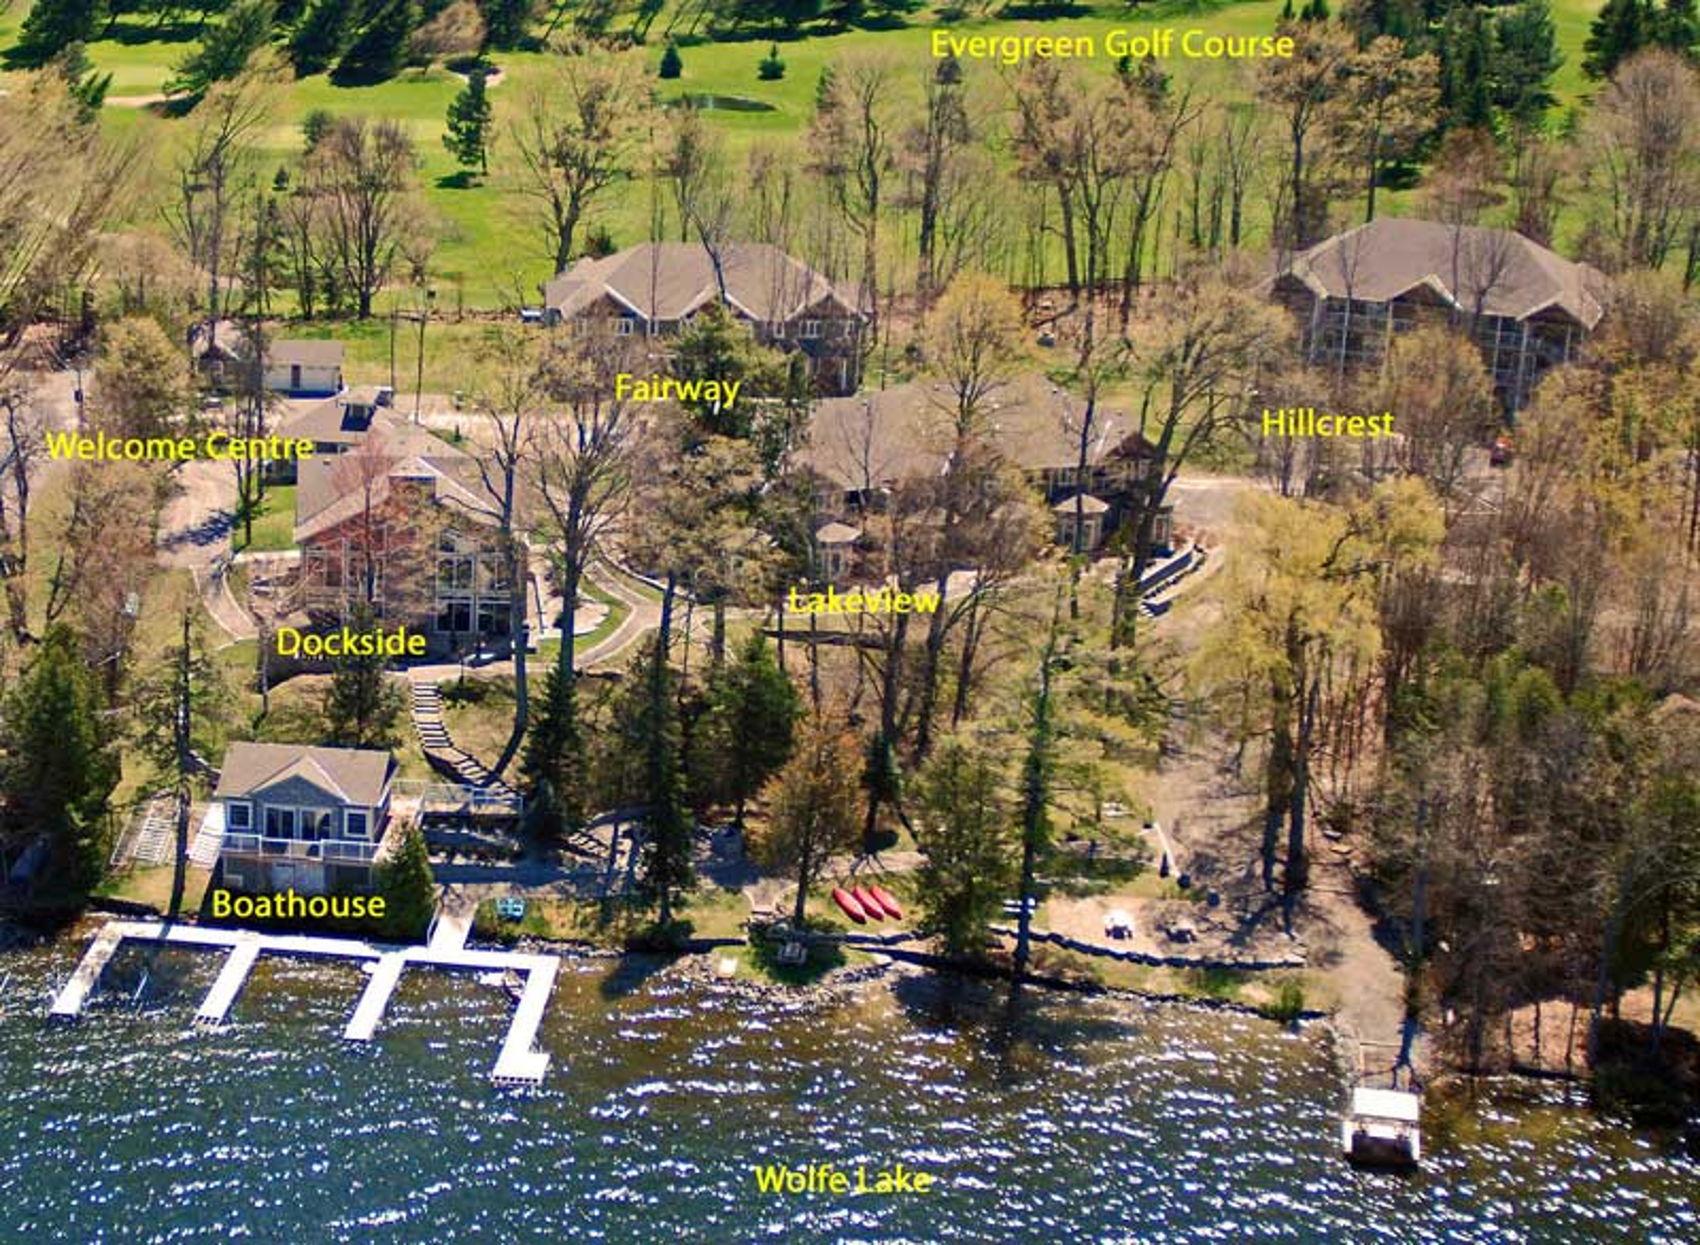 wsr-resort-grounds-lg.jpg